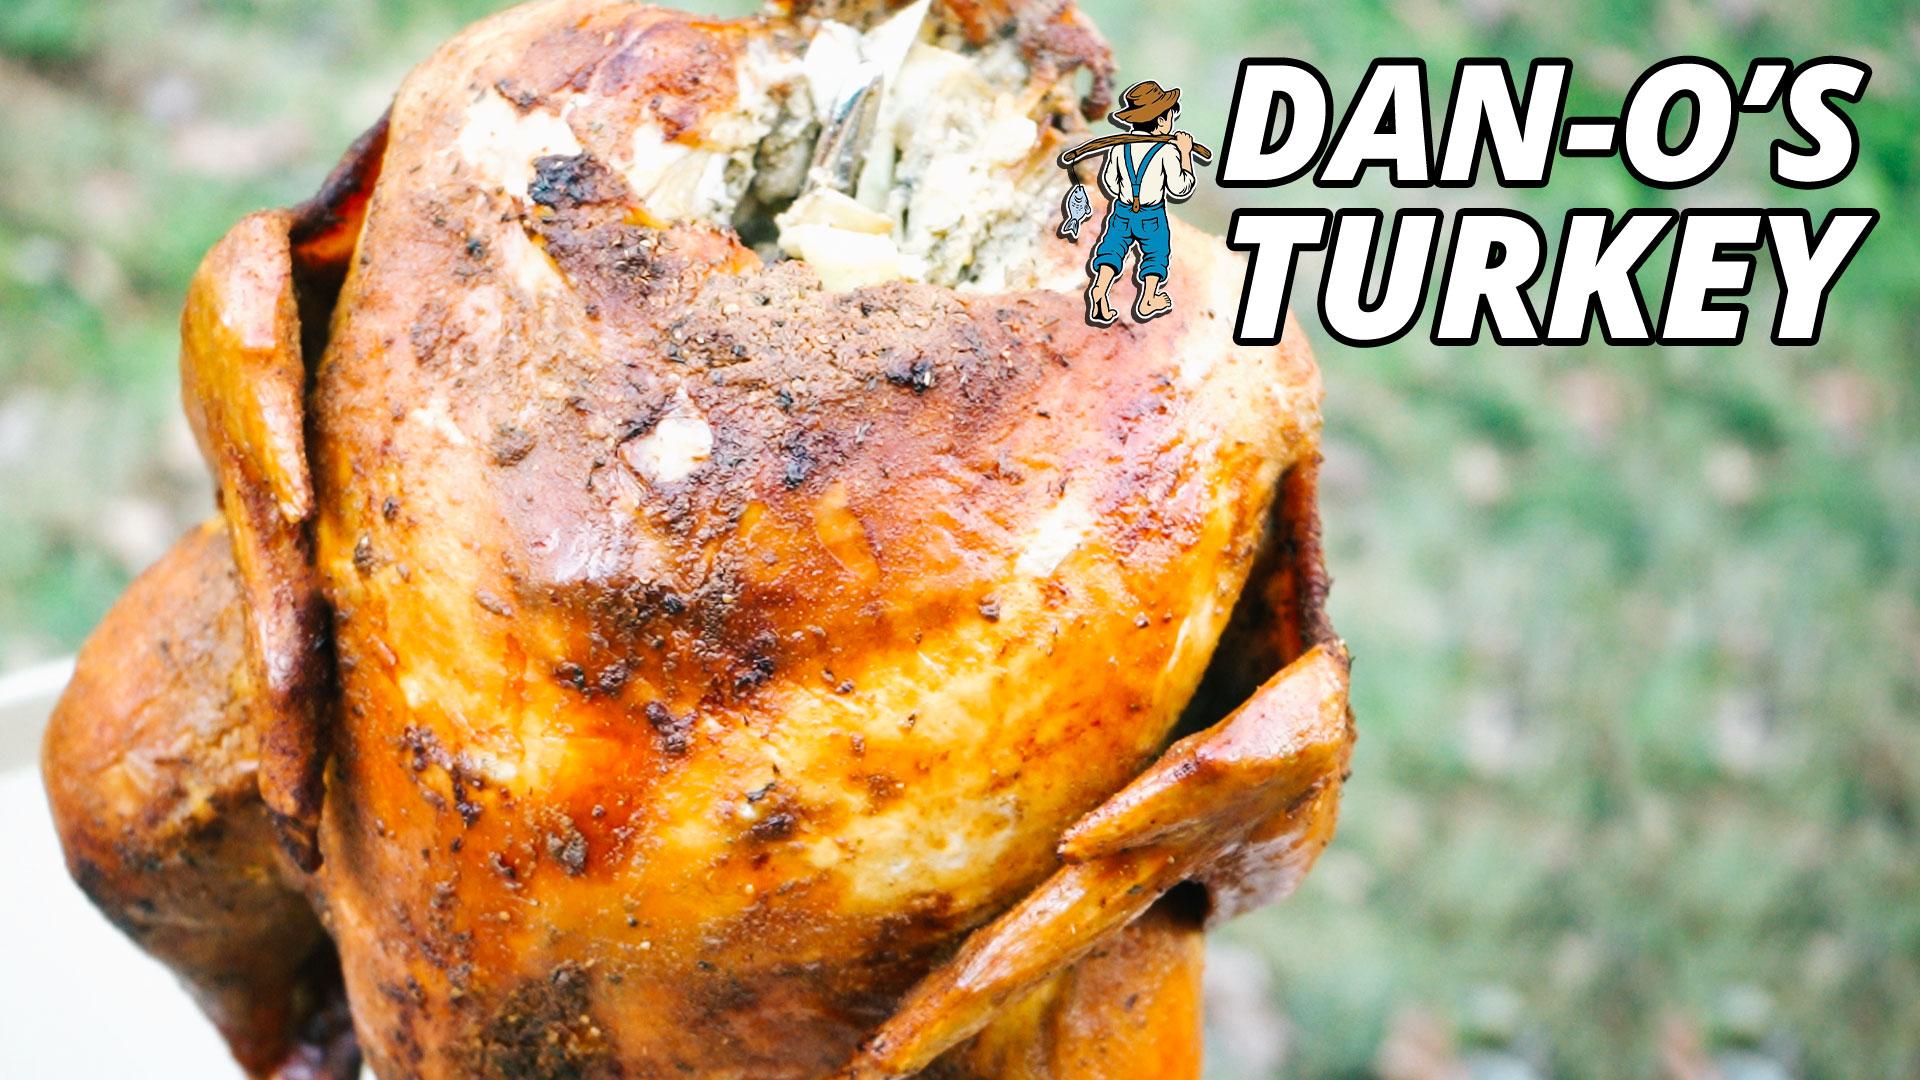 Dan-O's Turkey, image of finished turkey